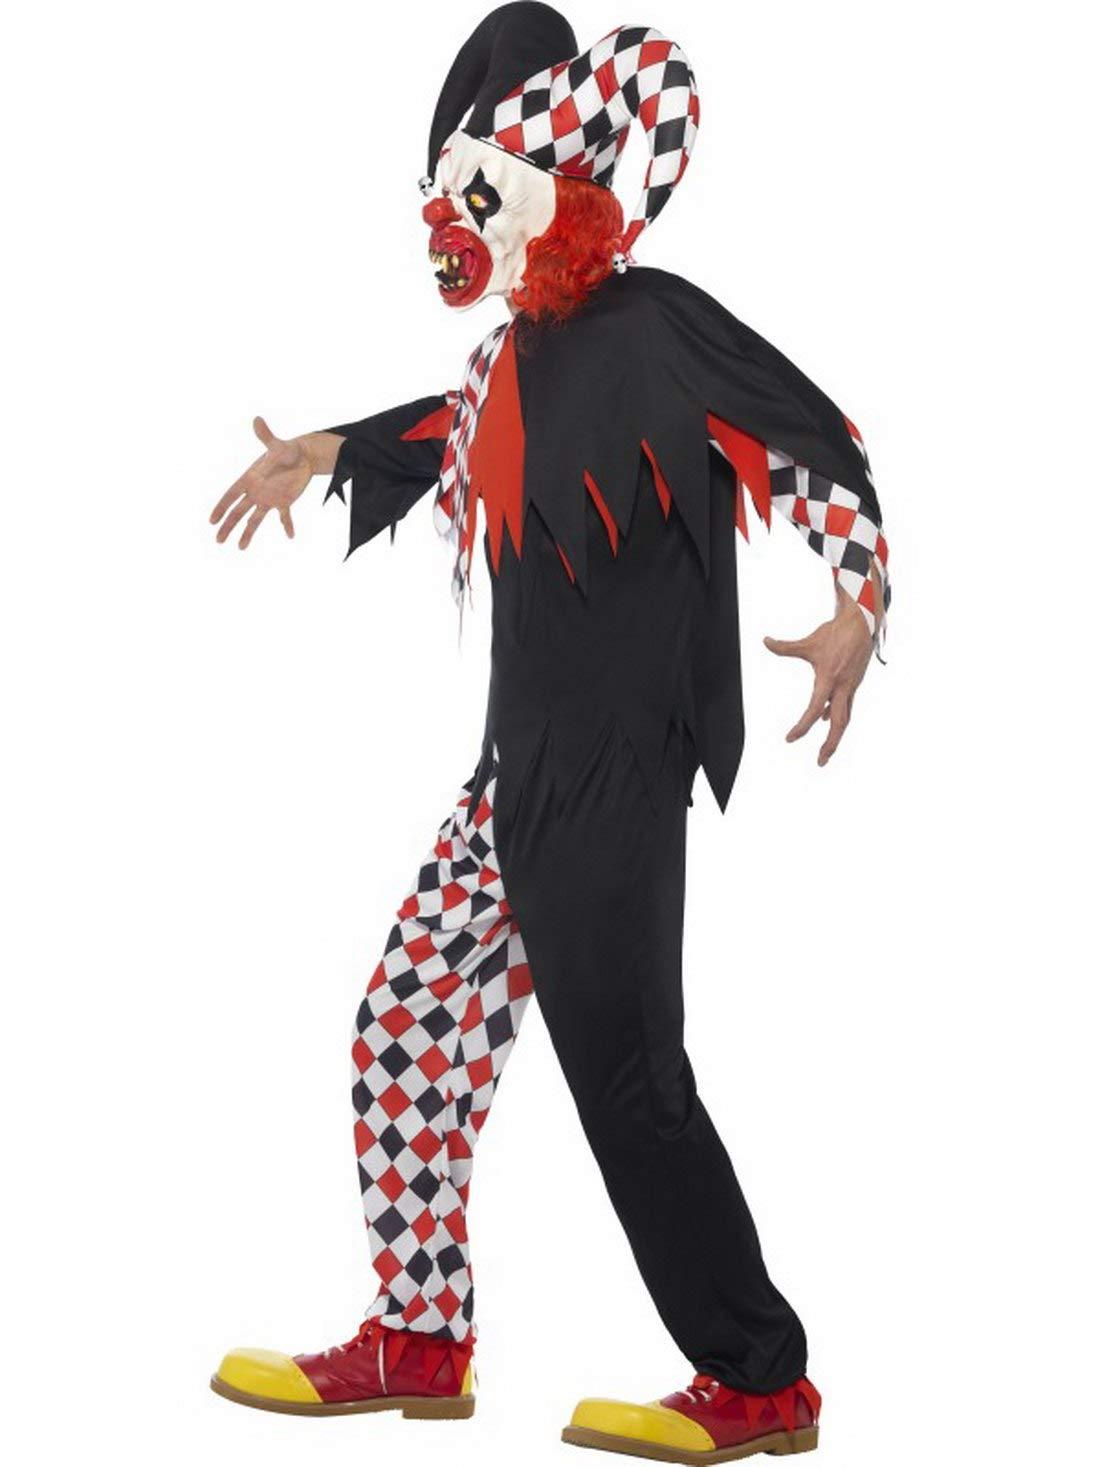 Luxuspiraten Herren - Herren Luxuspiraten Männer Kostüm böser Harlekin Hofnarr mit Hose Oberteil Maske und Hut, Creepy Harlequin Jester Clown, perfekt für Halloween Karneval und Fasching, M, Schwarz 58193f